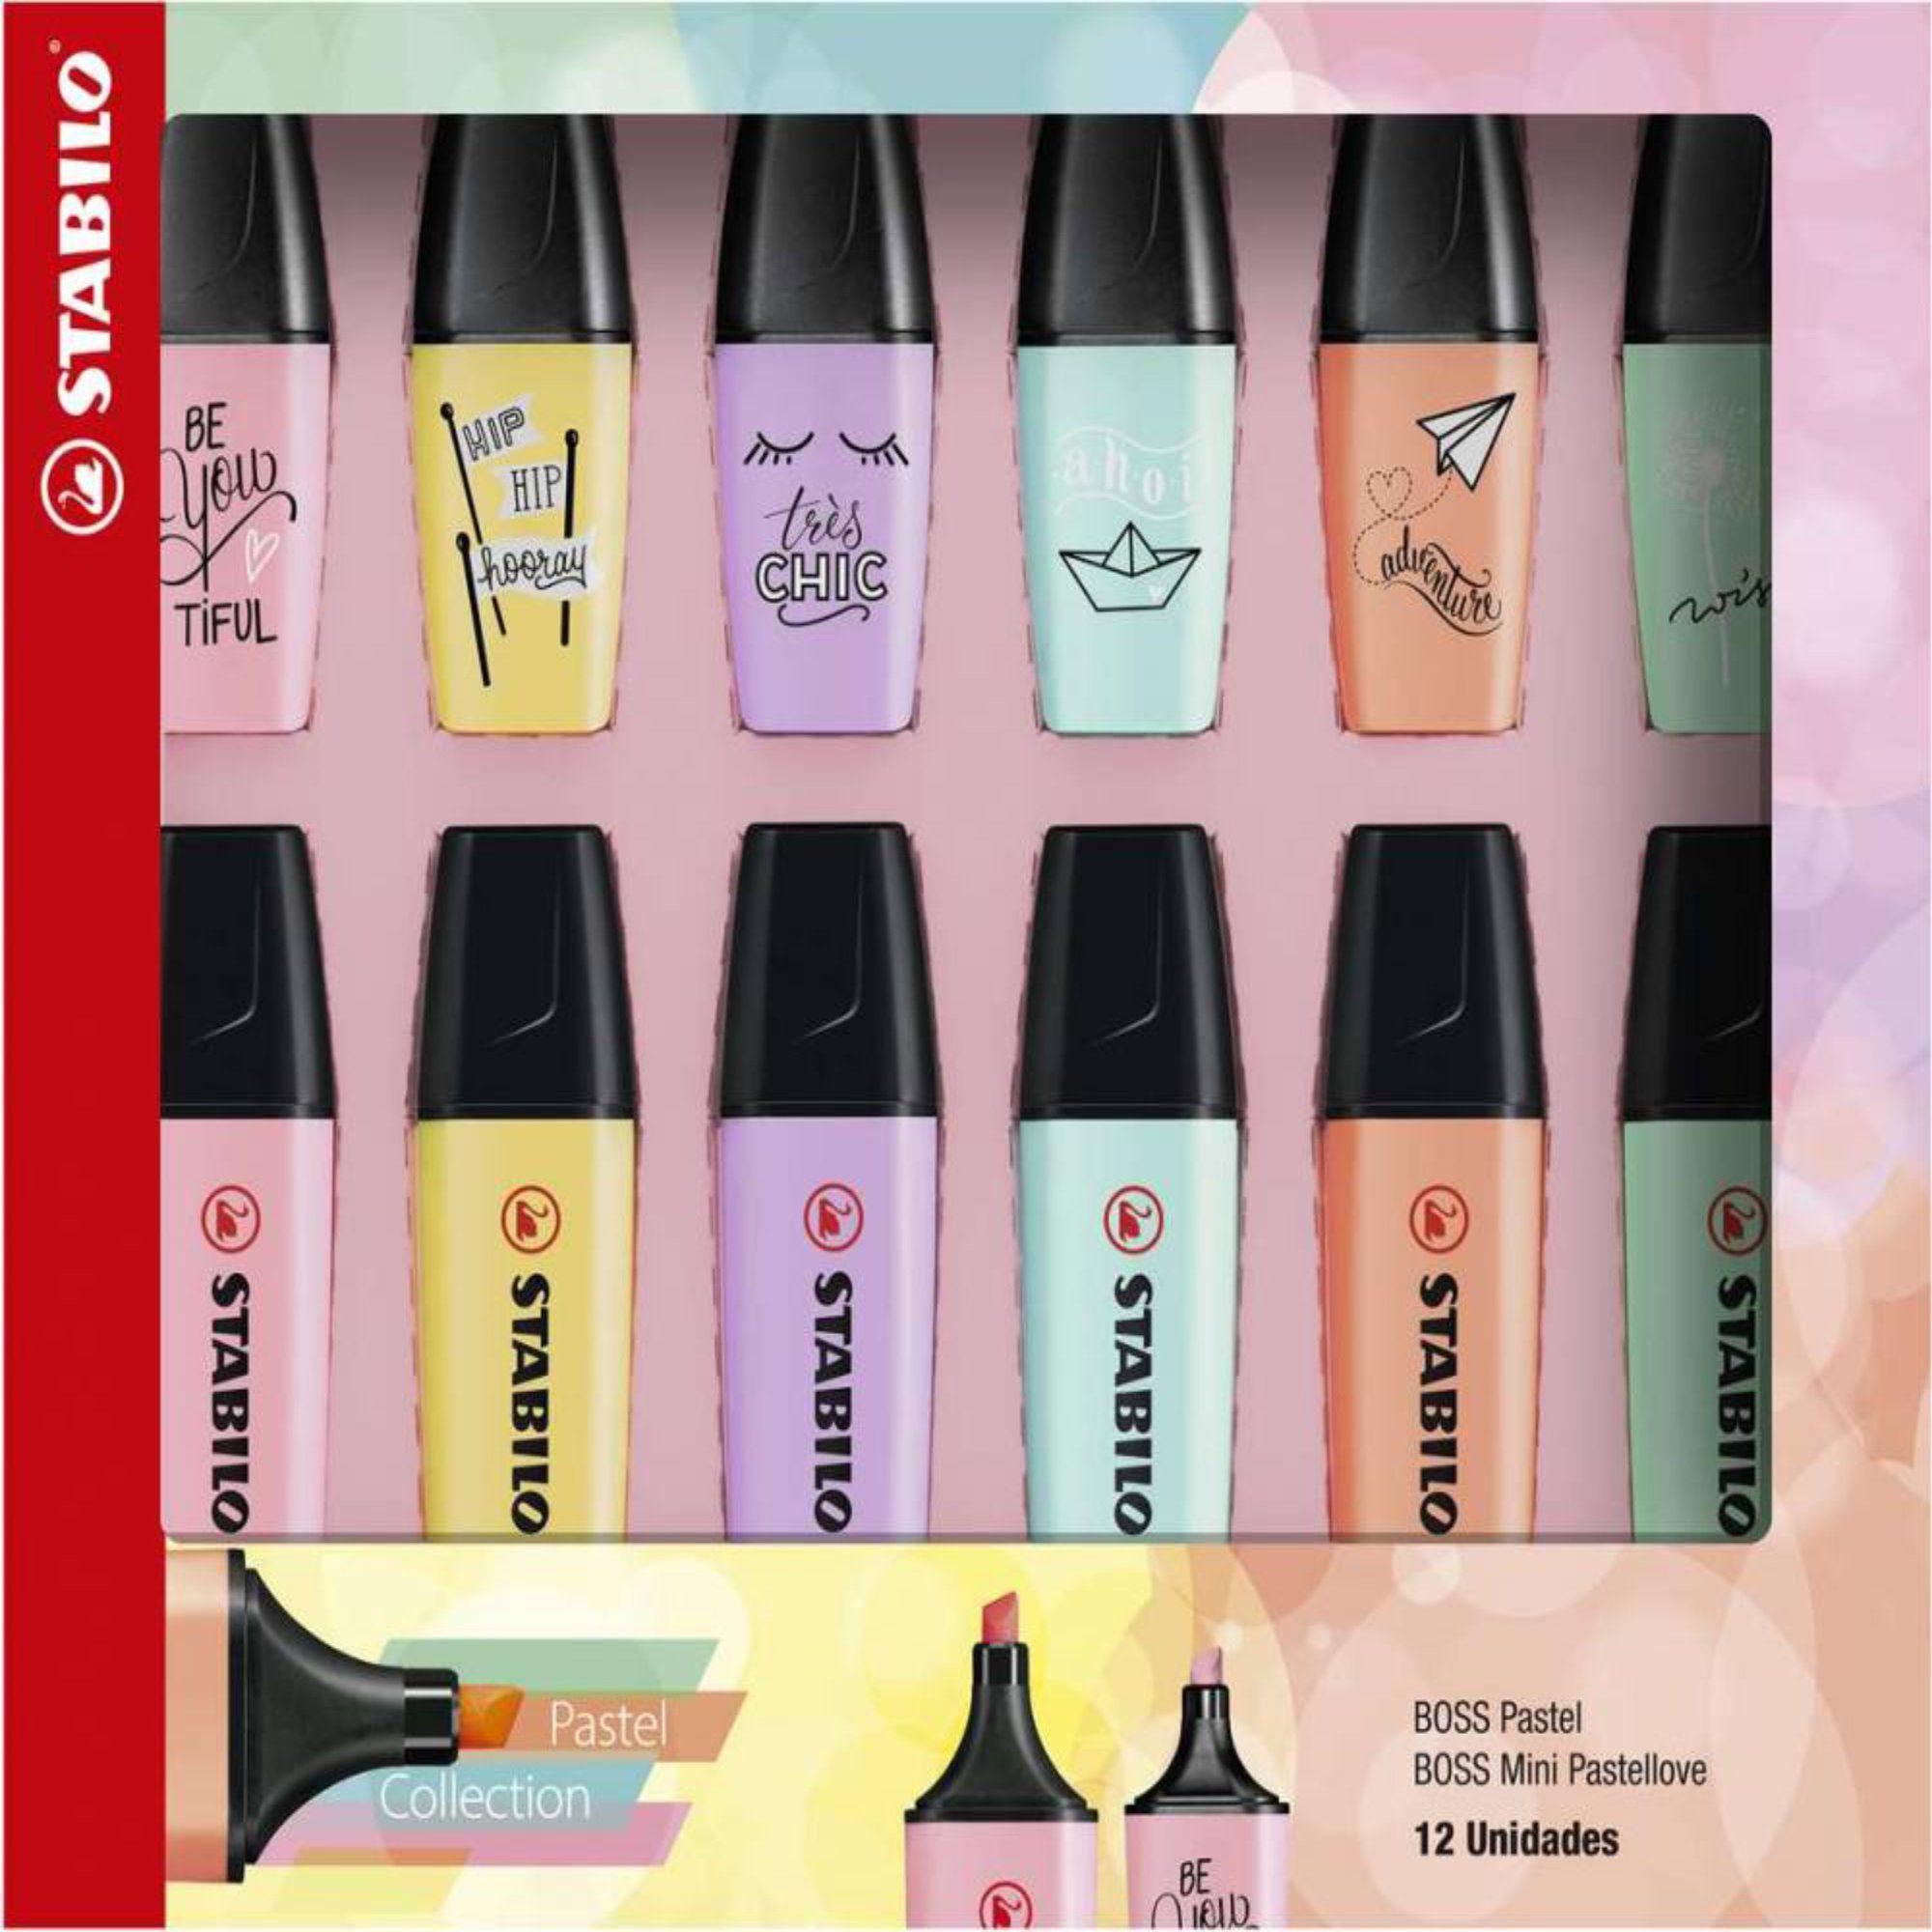 Kit Stabilo Boss Pastel + Mini Pastel Love